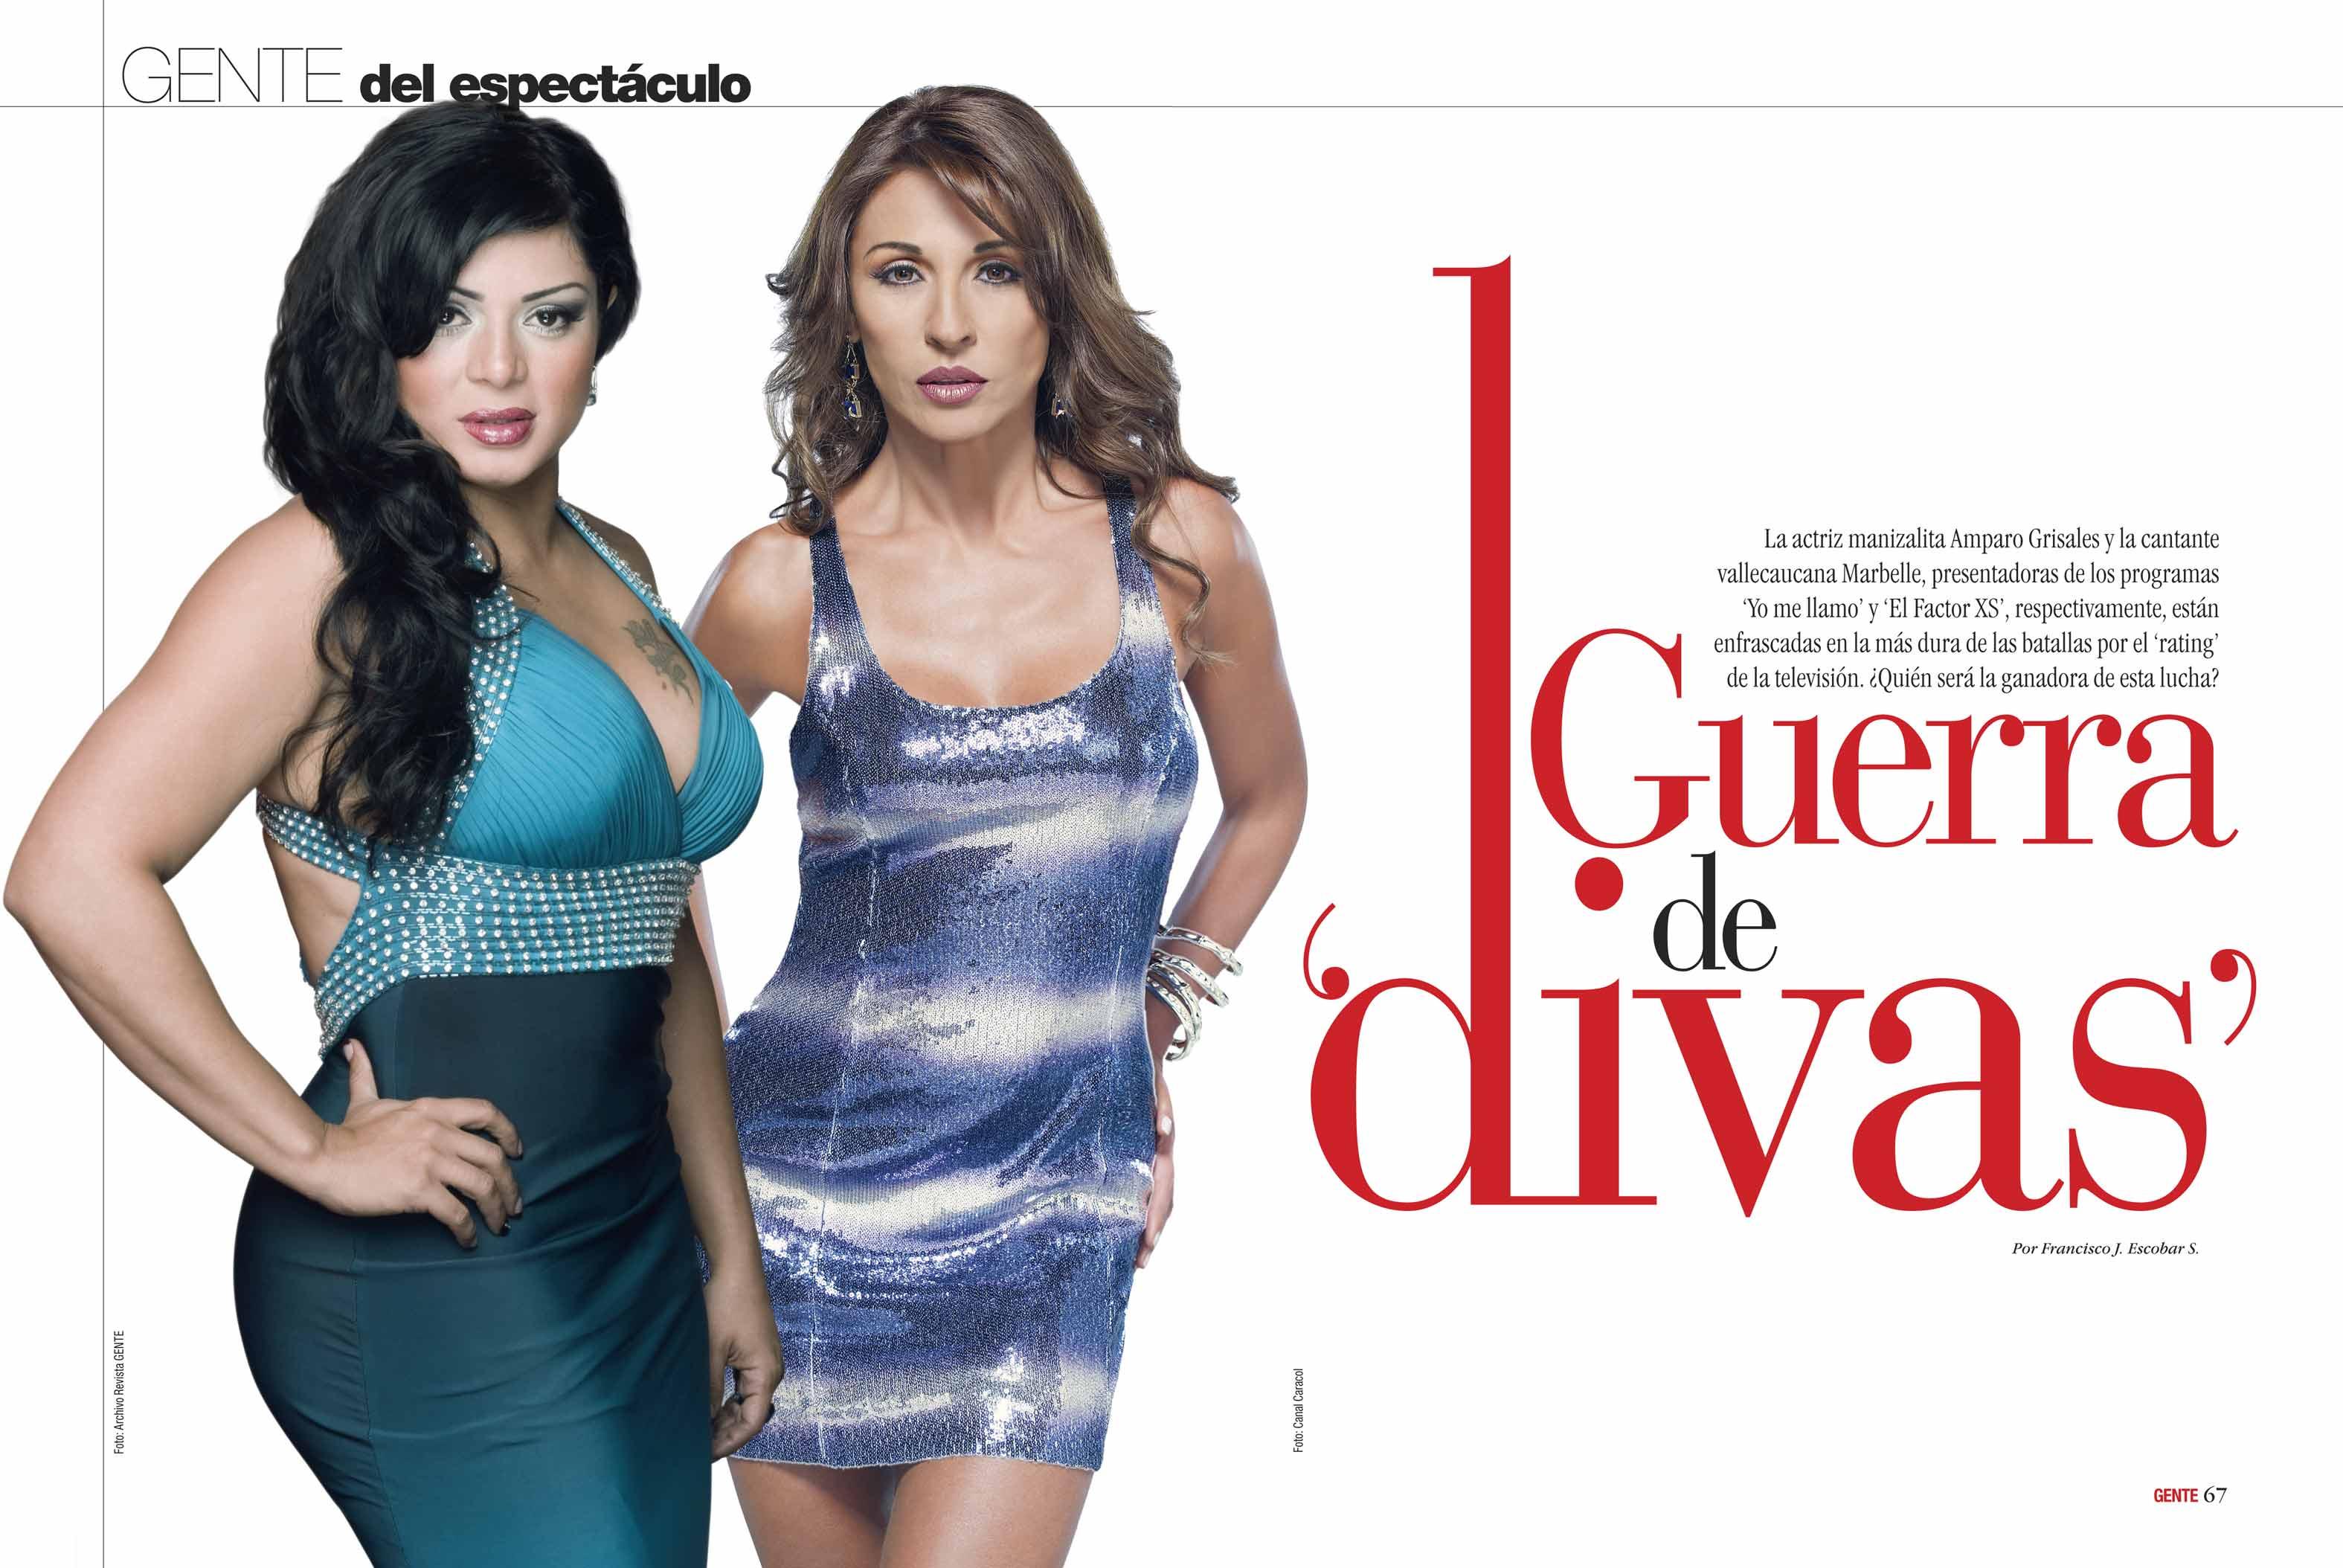 Amparo Grisales y Marbelle / Fotos: Archivo Revista GENTE y Canal ...